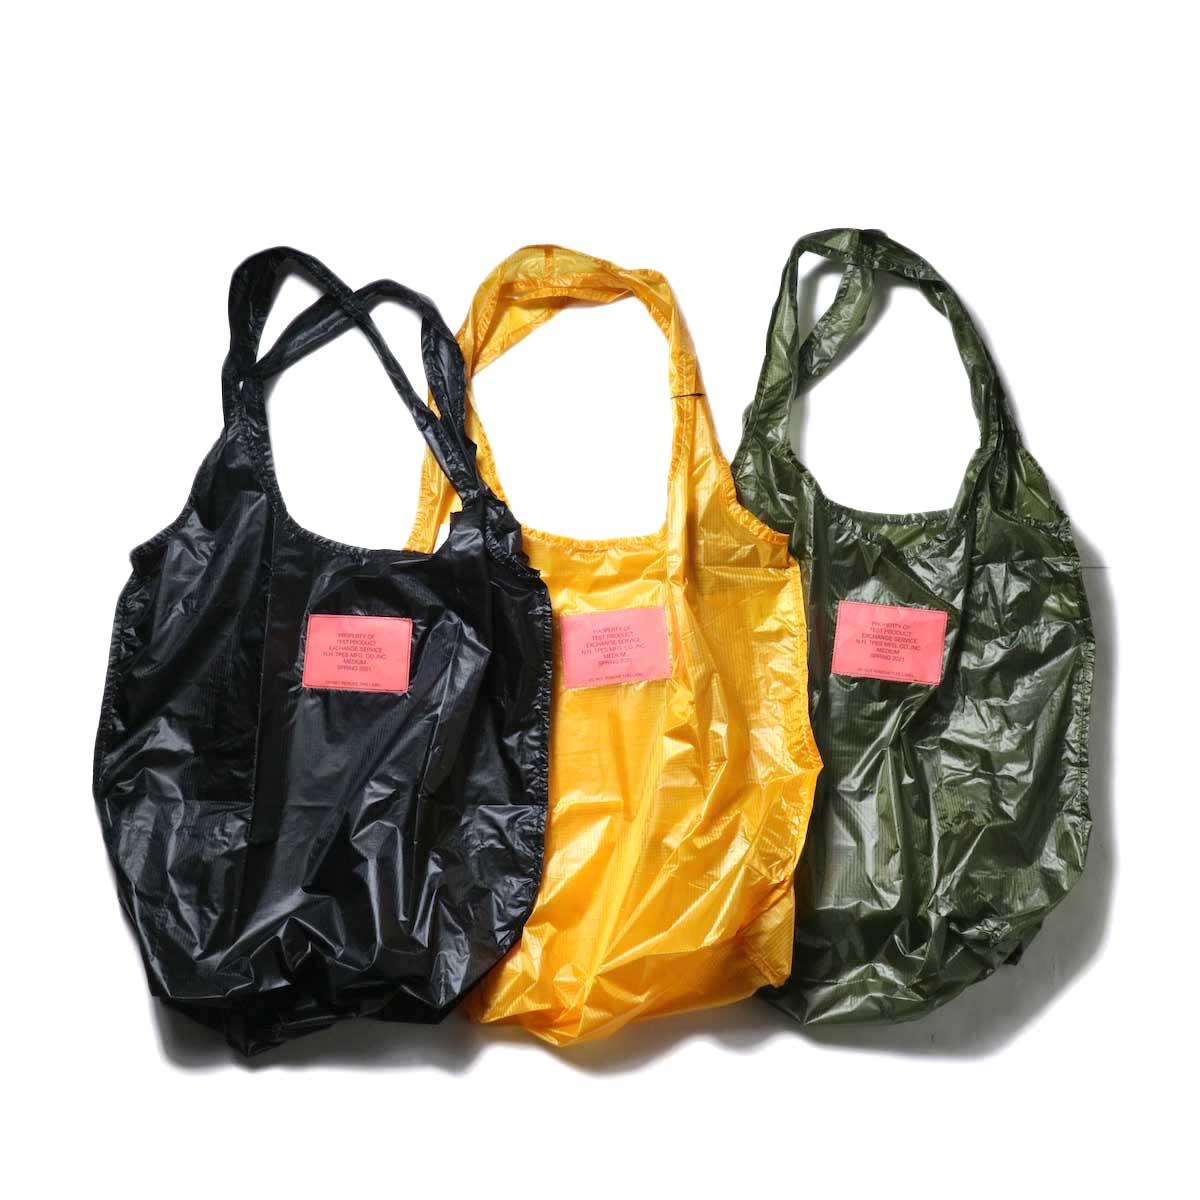 N.HOOLYWOOD / 9211-AC84 pieces BAG (MEDIUM)正面